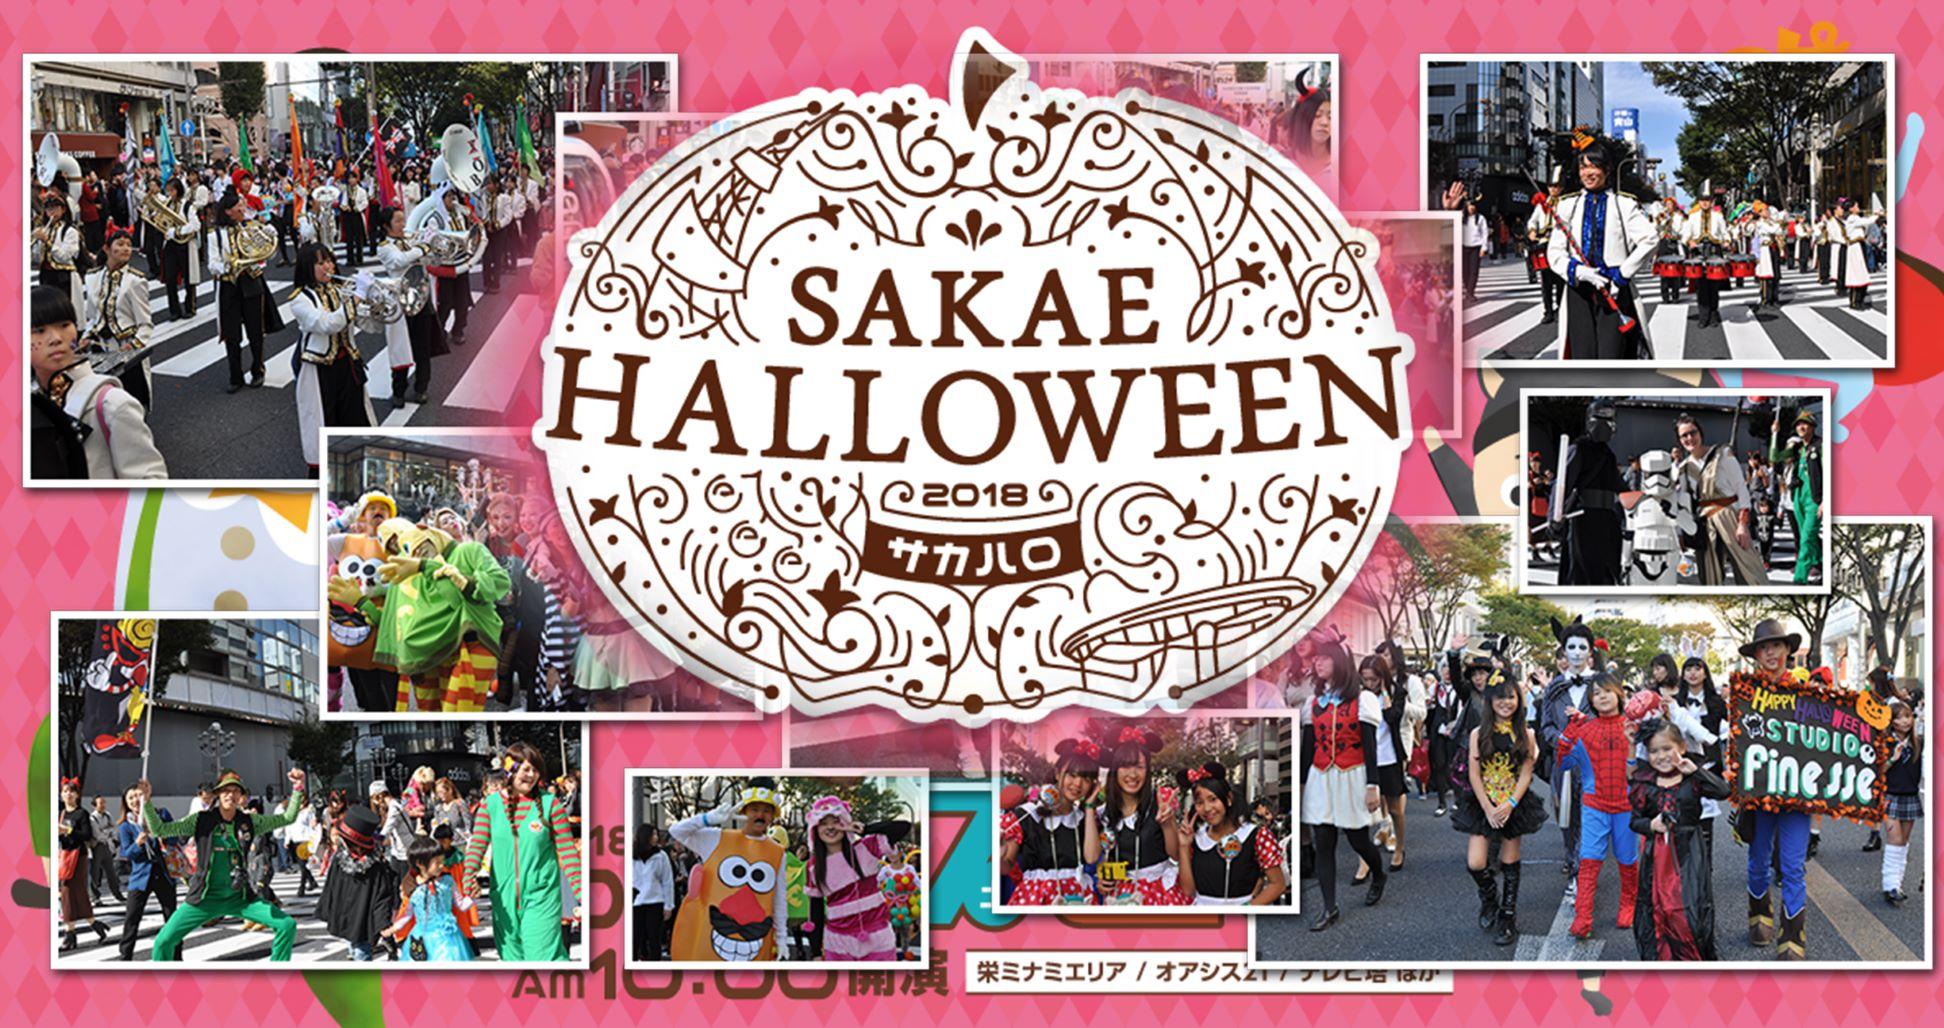 今年の「ハロウィン」あなたはどう過ごす!?名古屋近郊おすすめイベント5選 - sakae1